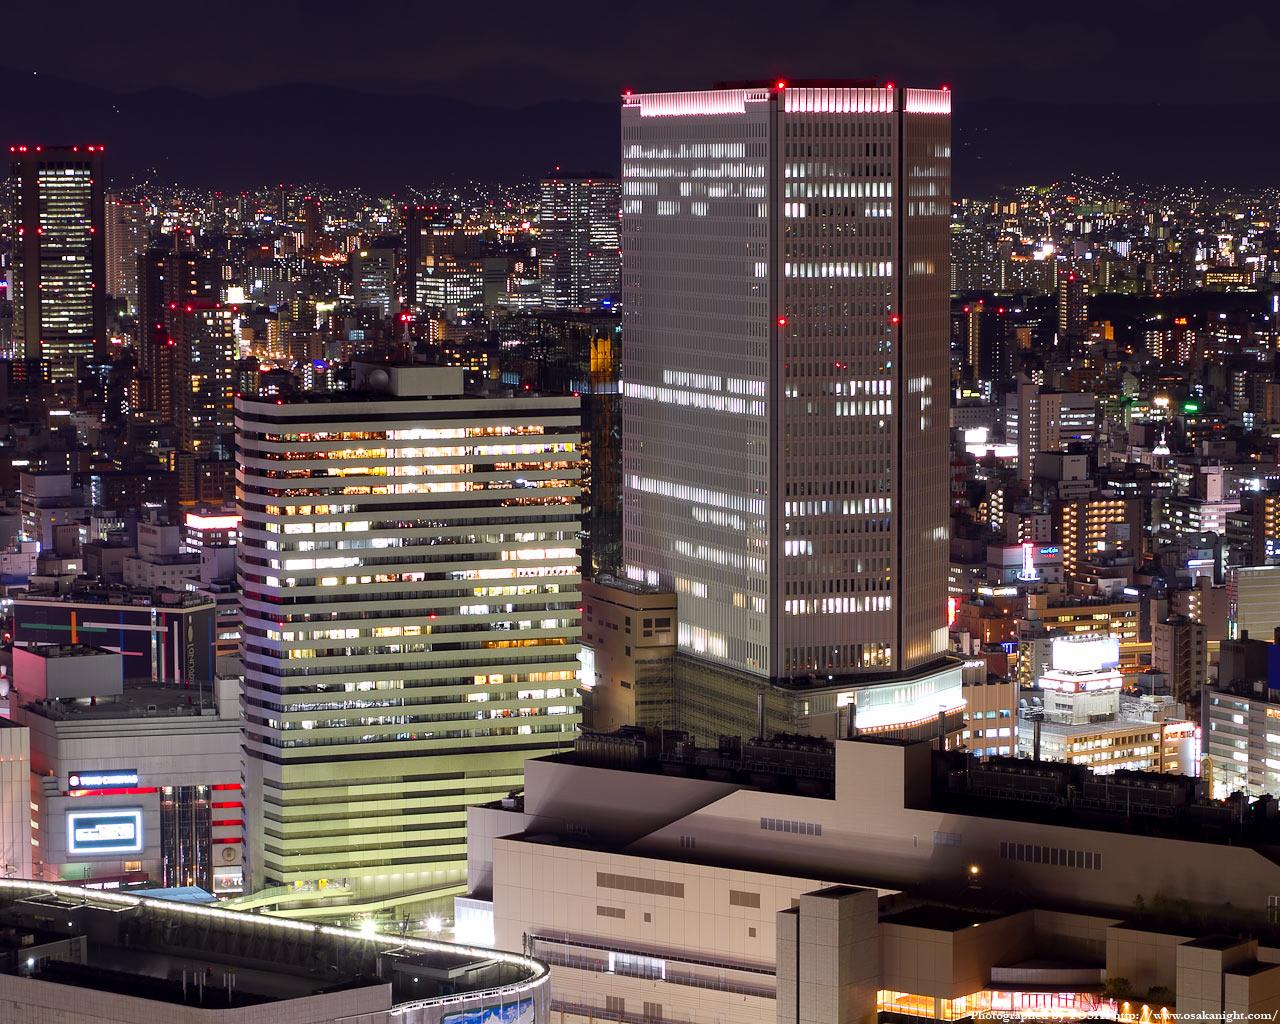 阪急グランドビルと梅田阪急ビルの夜景